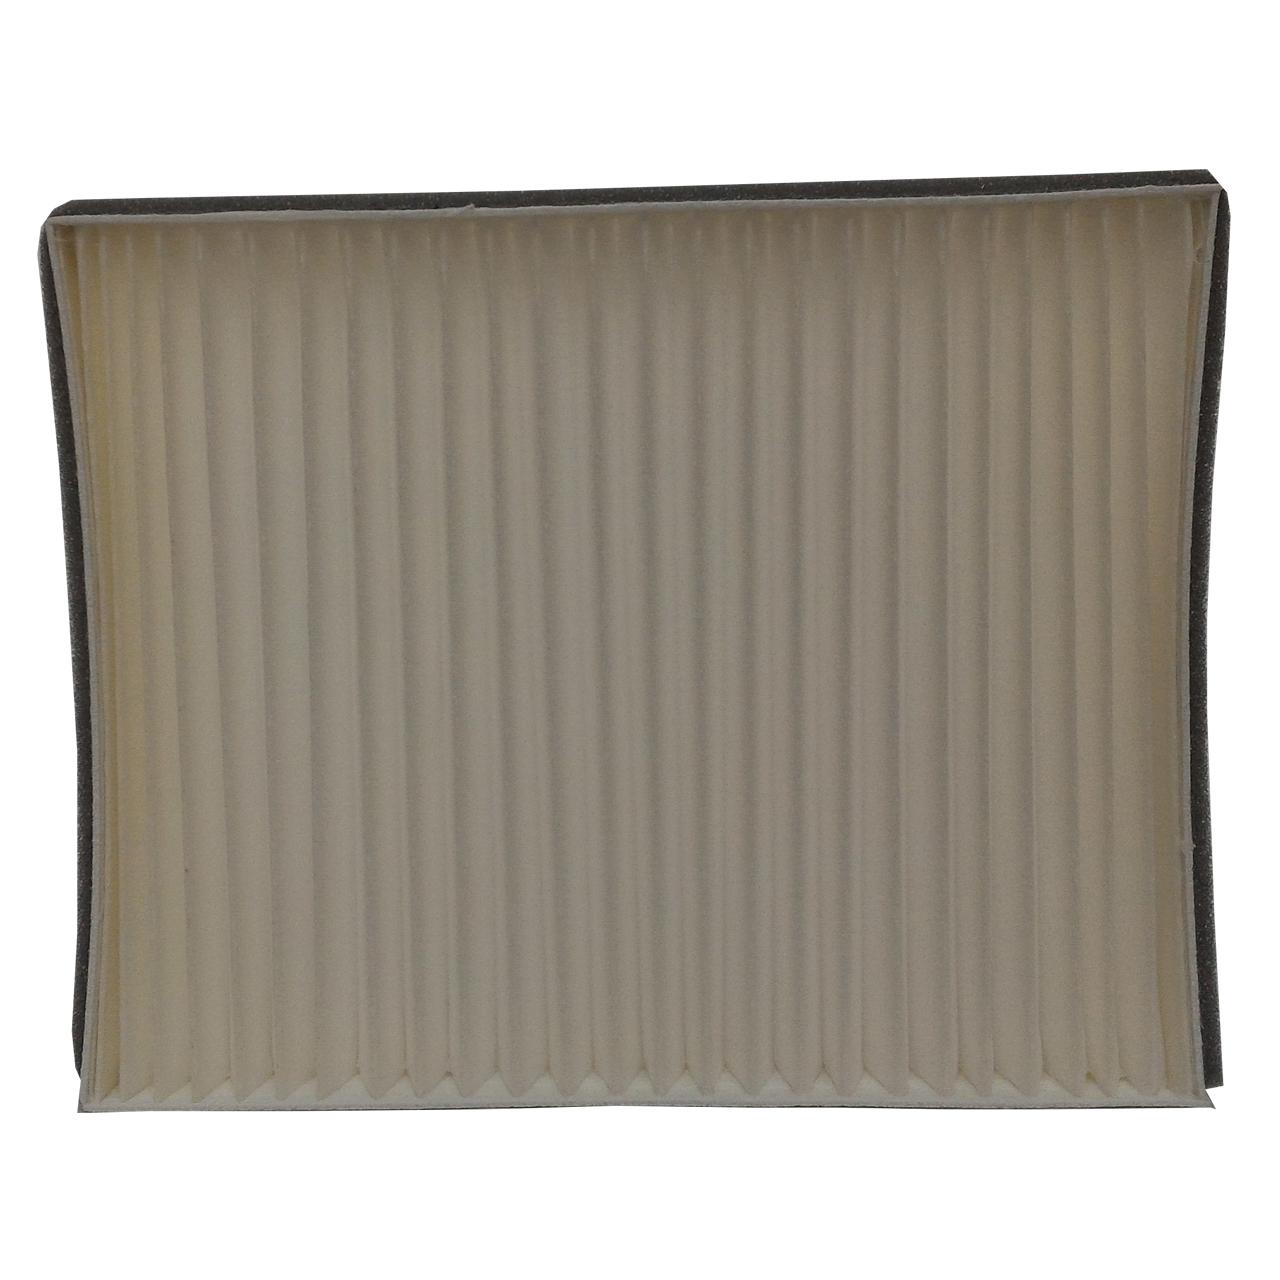 فیلتر کابین خودرو مدل 8800483223 مناسب برای خودرو برلیانس